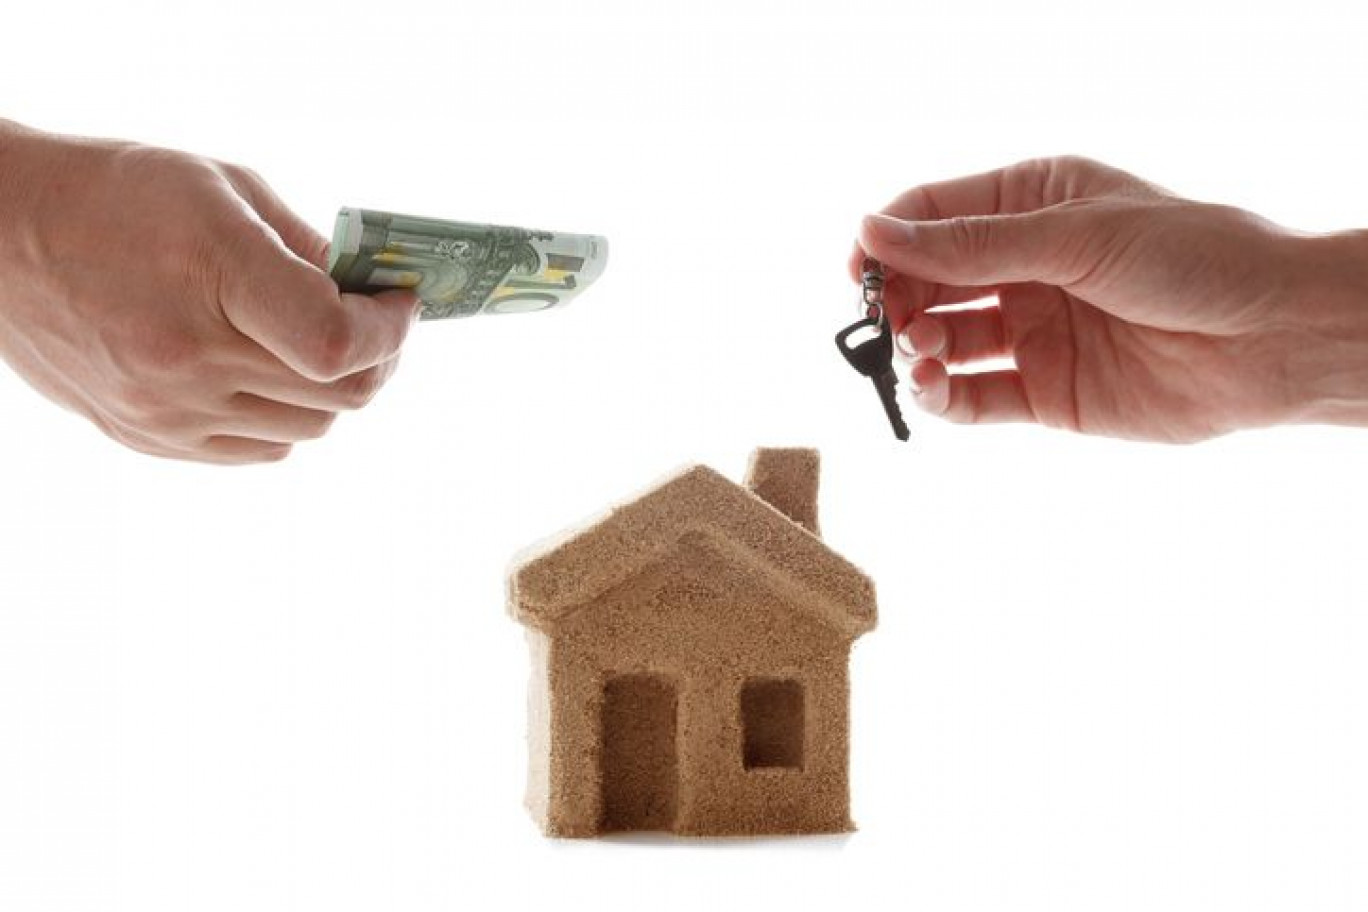 La proposta della Boldrini: pagare l'IMU sulla prima casa per dare ai giovani un bonus affitto di 350€